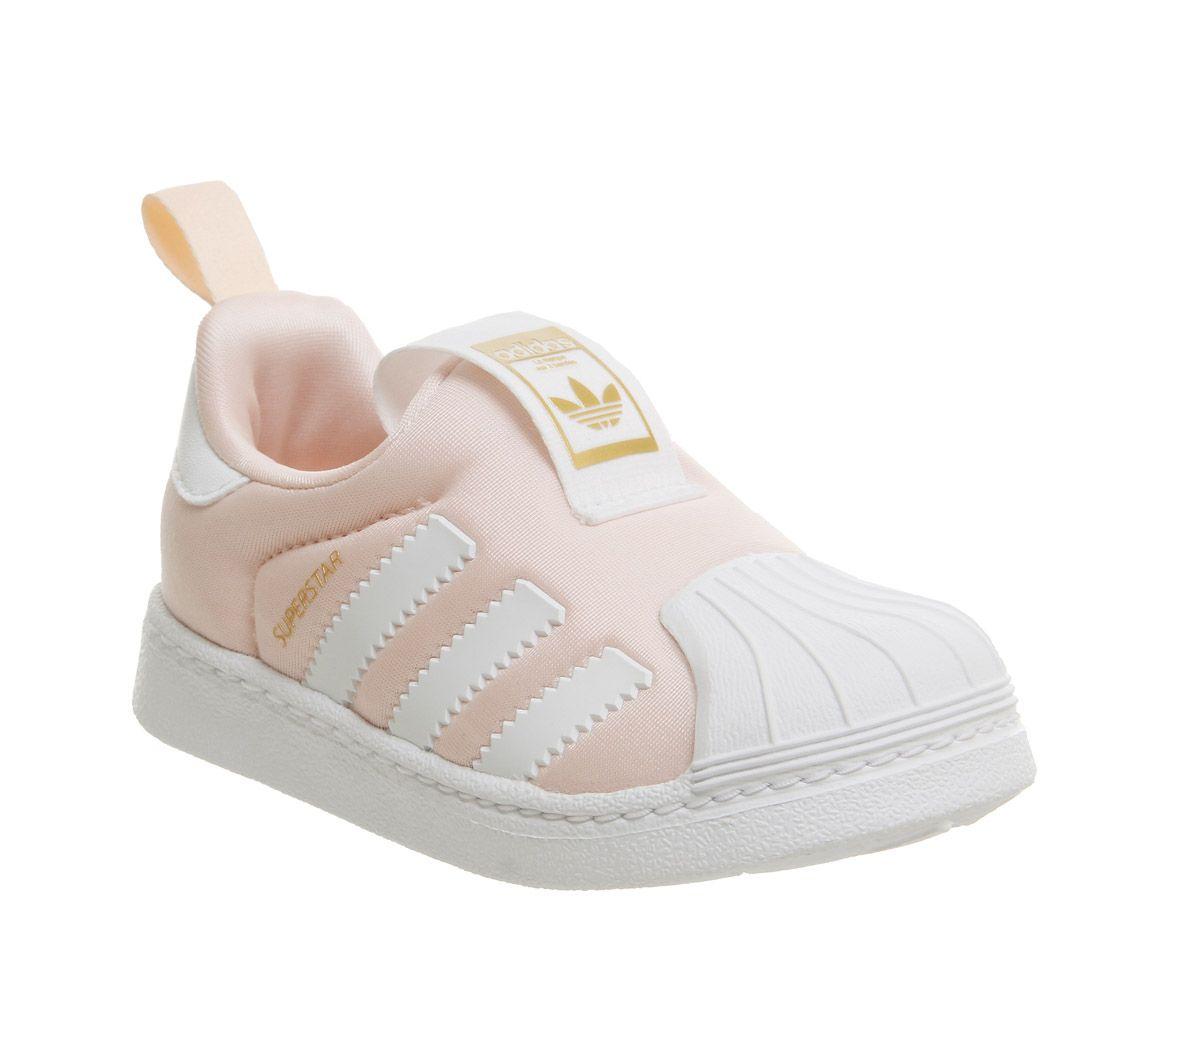 Details zu Kinder adidas Superstar 360 Kinder 3 9 Turnschuhe Klar Orange Kinder